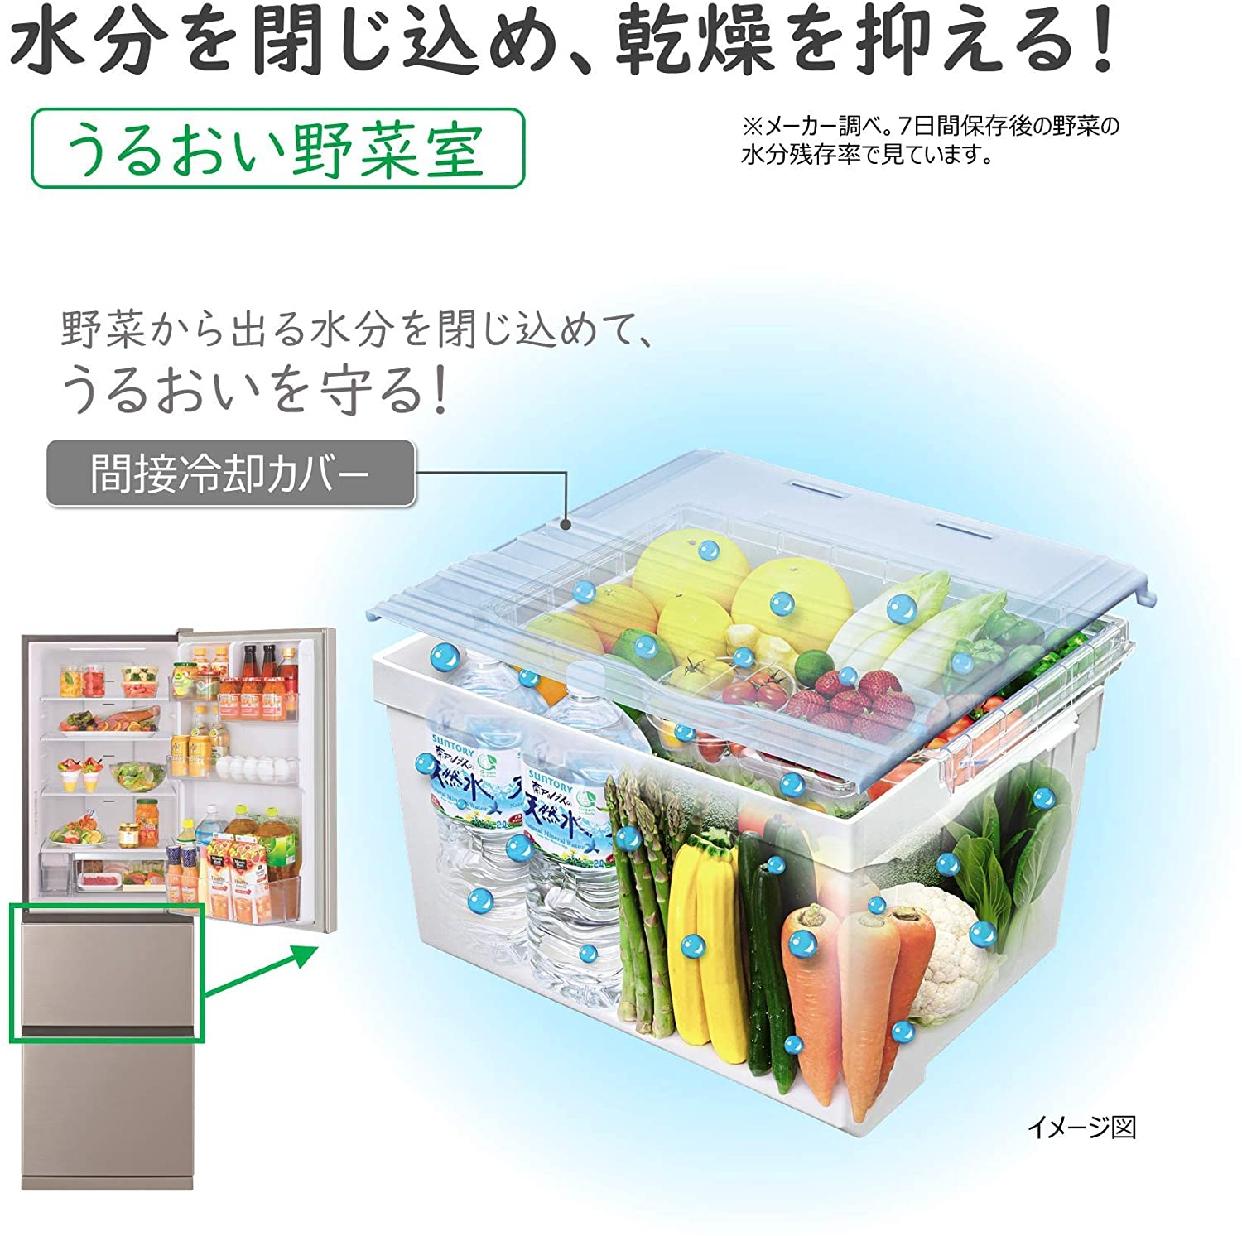 日立(ひたち)片開き3ドア Vタイプ/まんなか野菜 R-V32KVの商品画像4